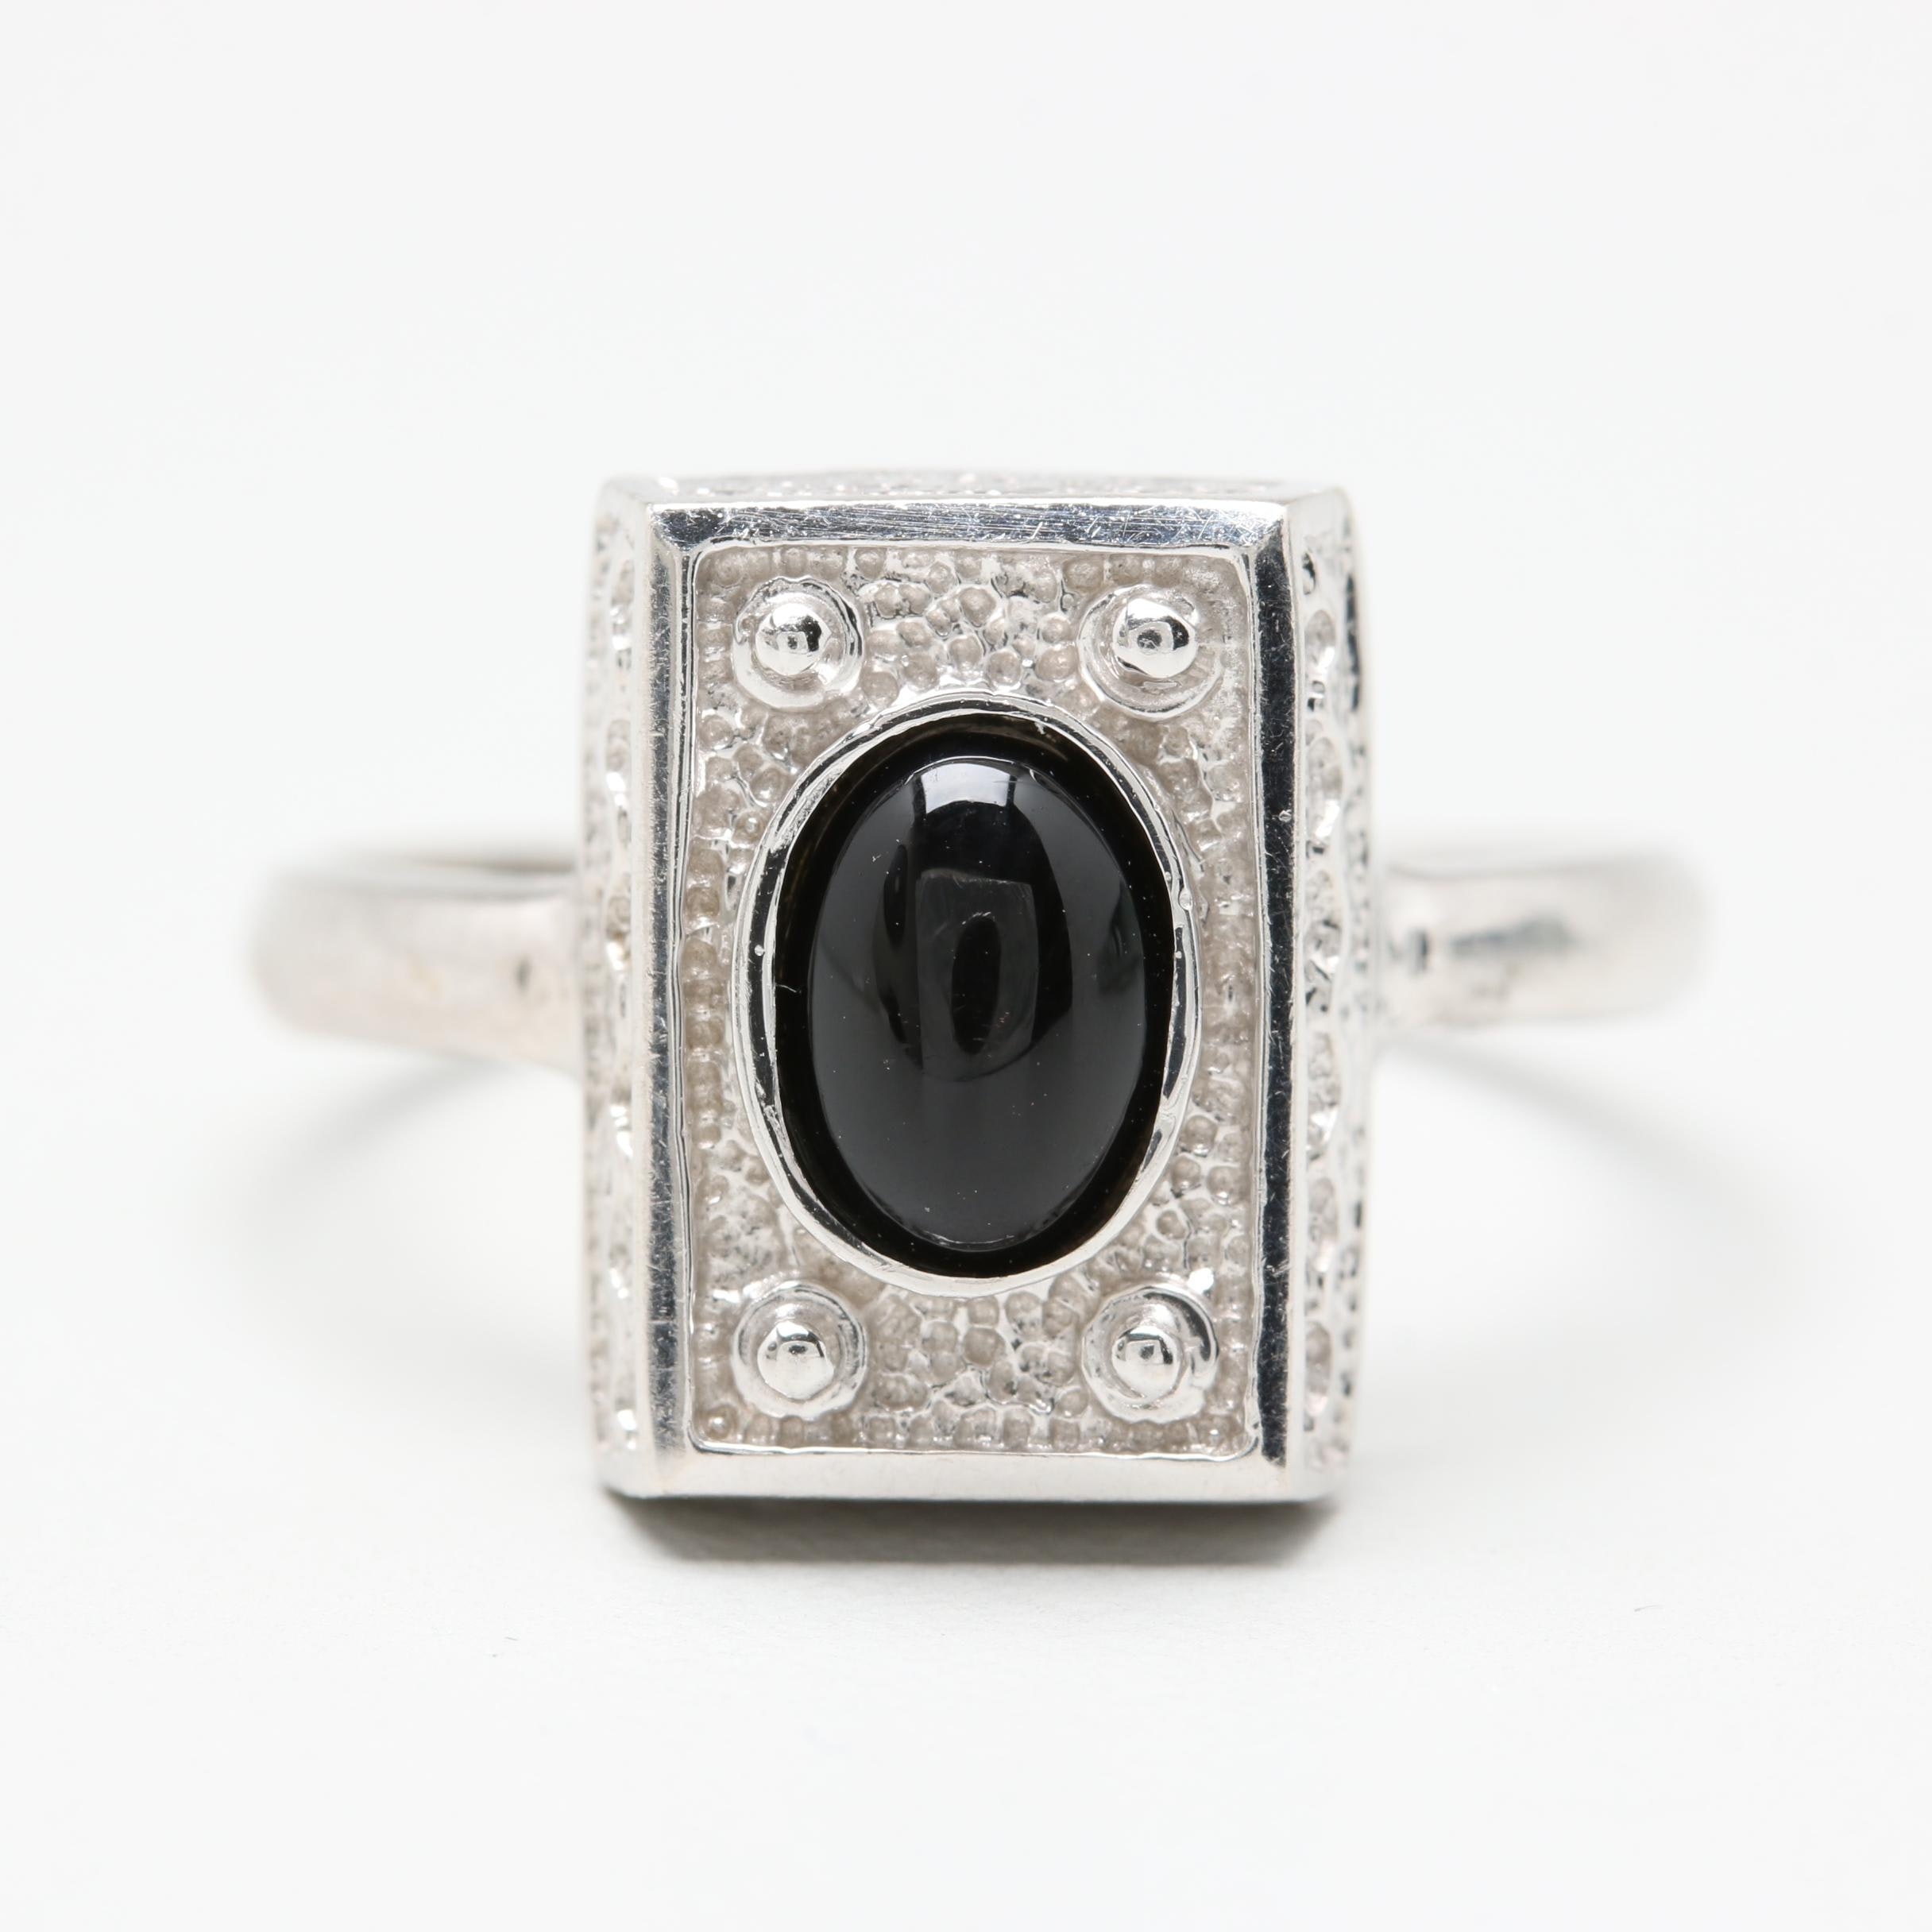 14K White Gold Black Onyx Ring